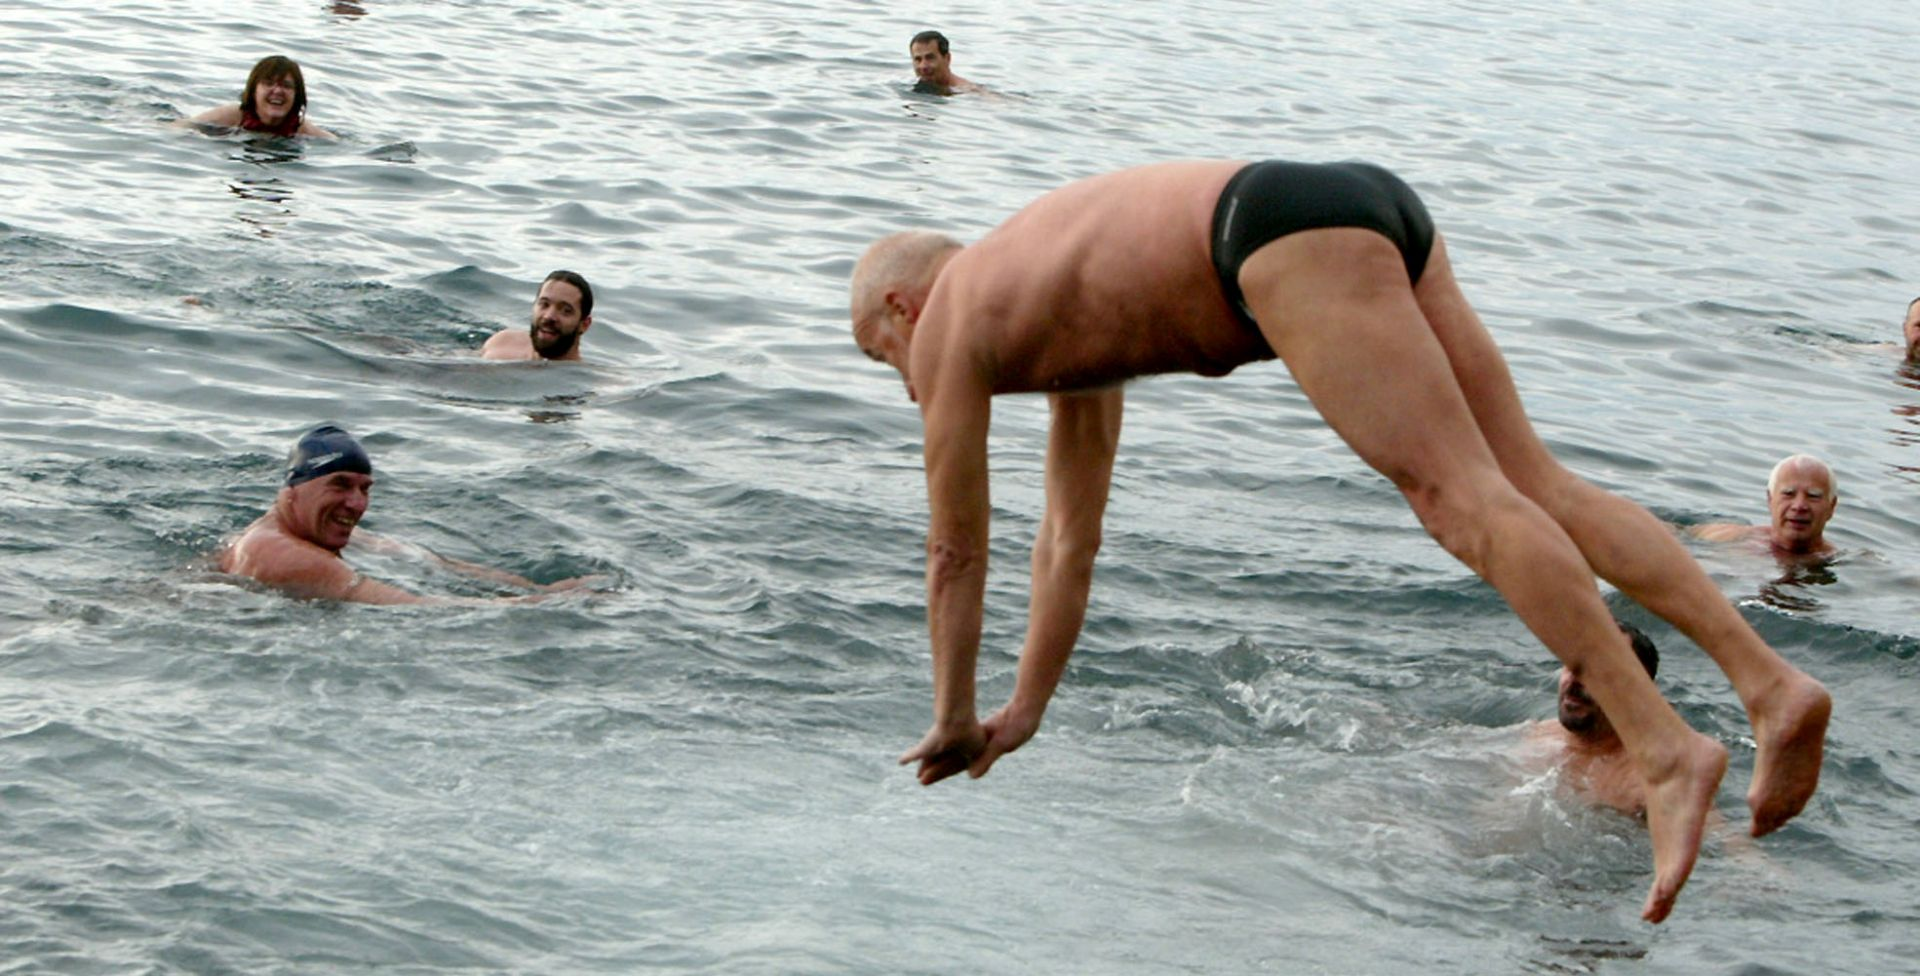 Opatija: Novogodišnja zdravica i početak sezone kupanja u moru